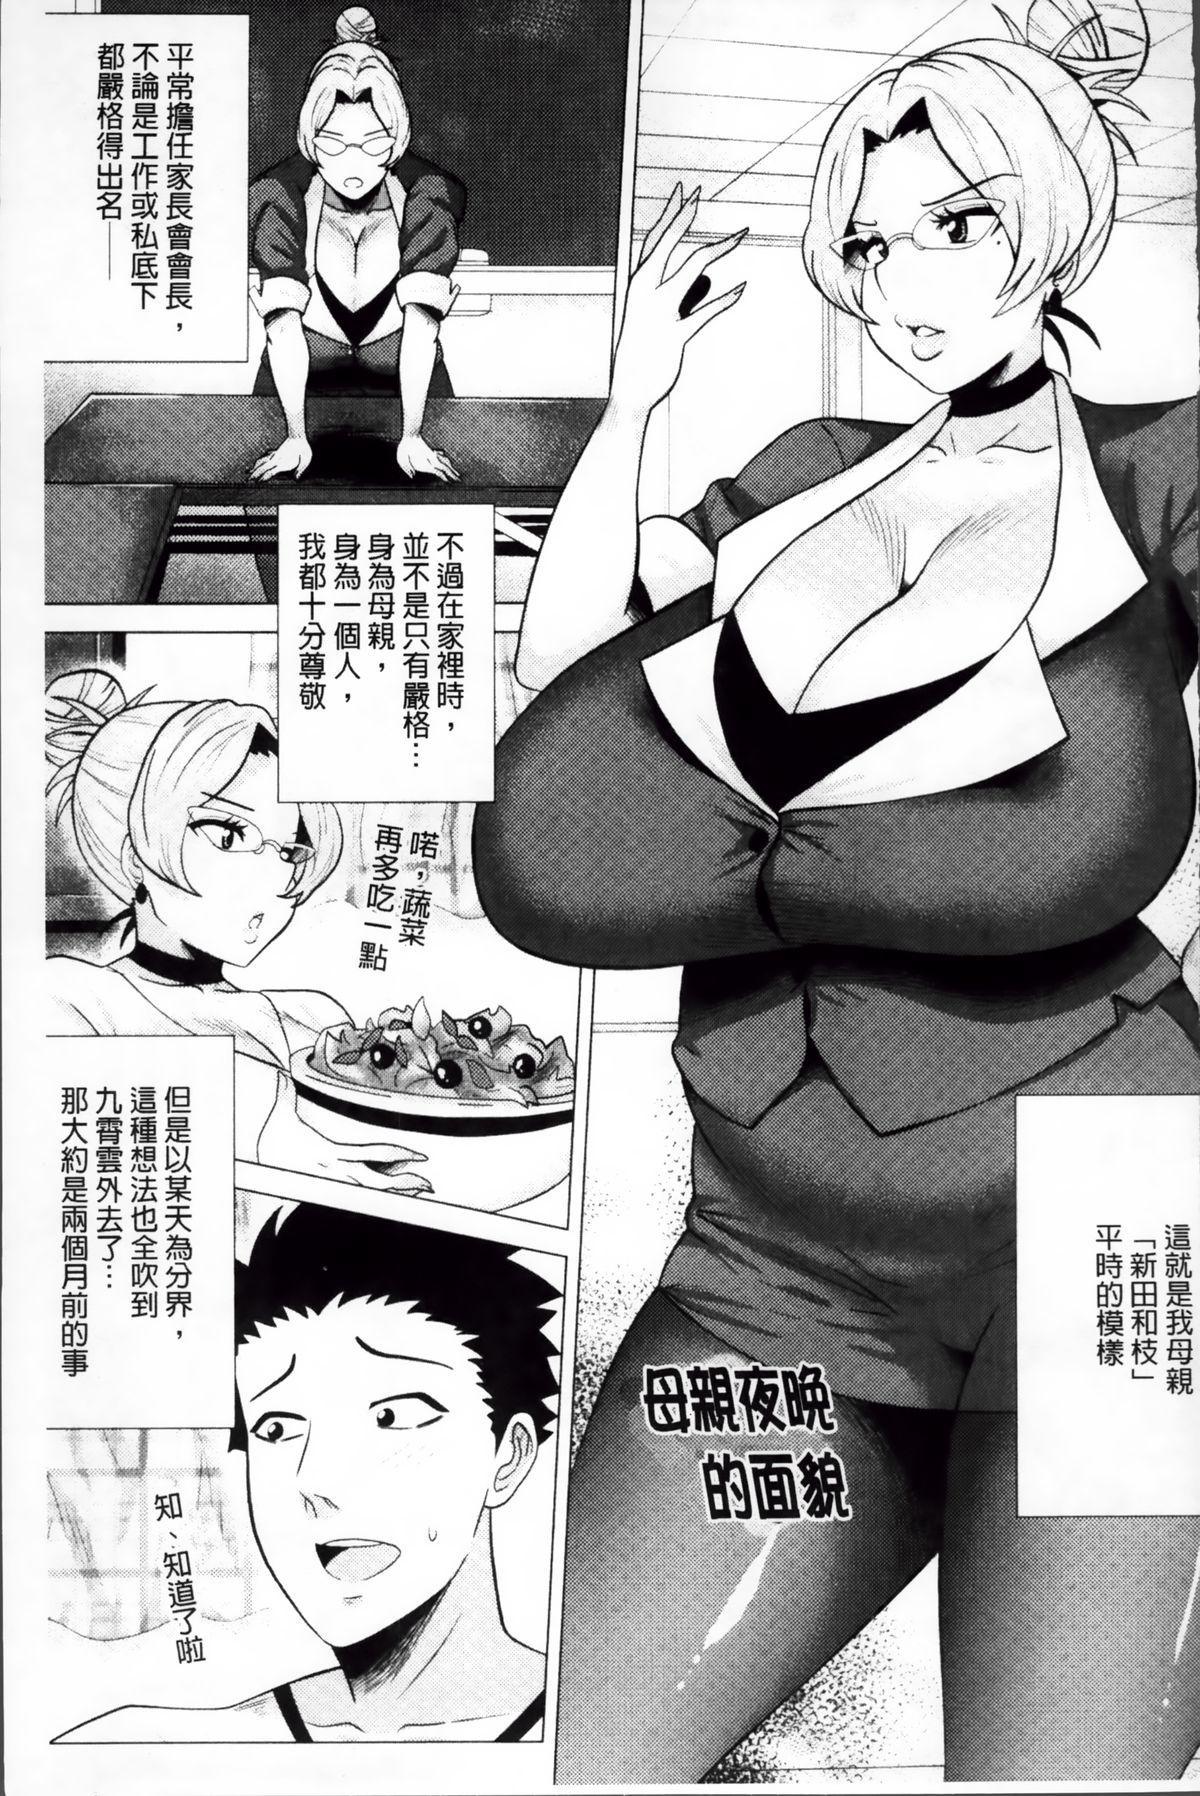 Megabody Night - Watashi no Oniku o Meshiagare 101